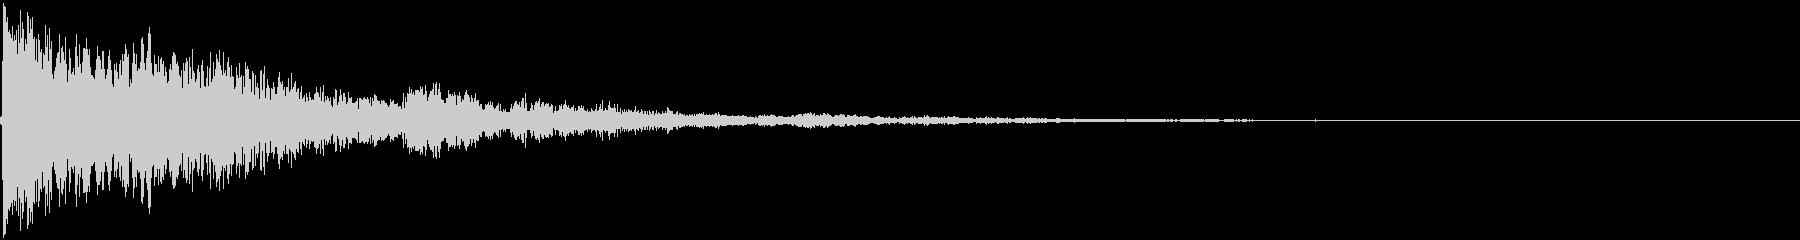 スマホアプリの決定音(ピーン!)の未再生の波形